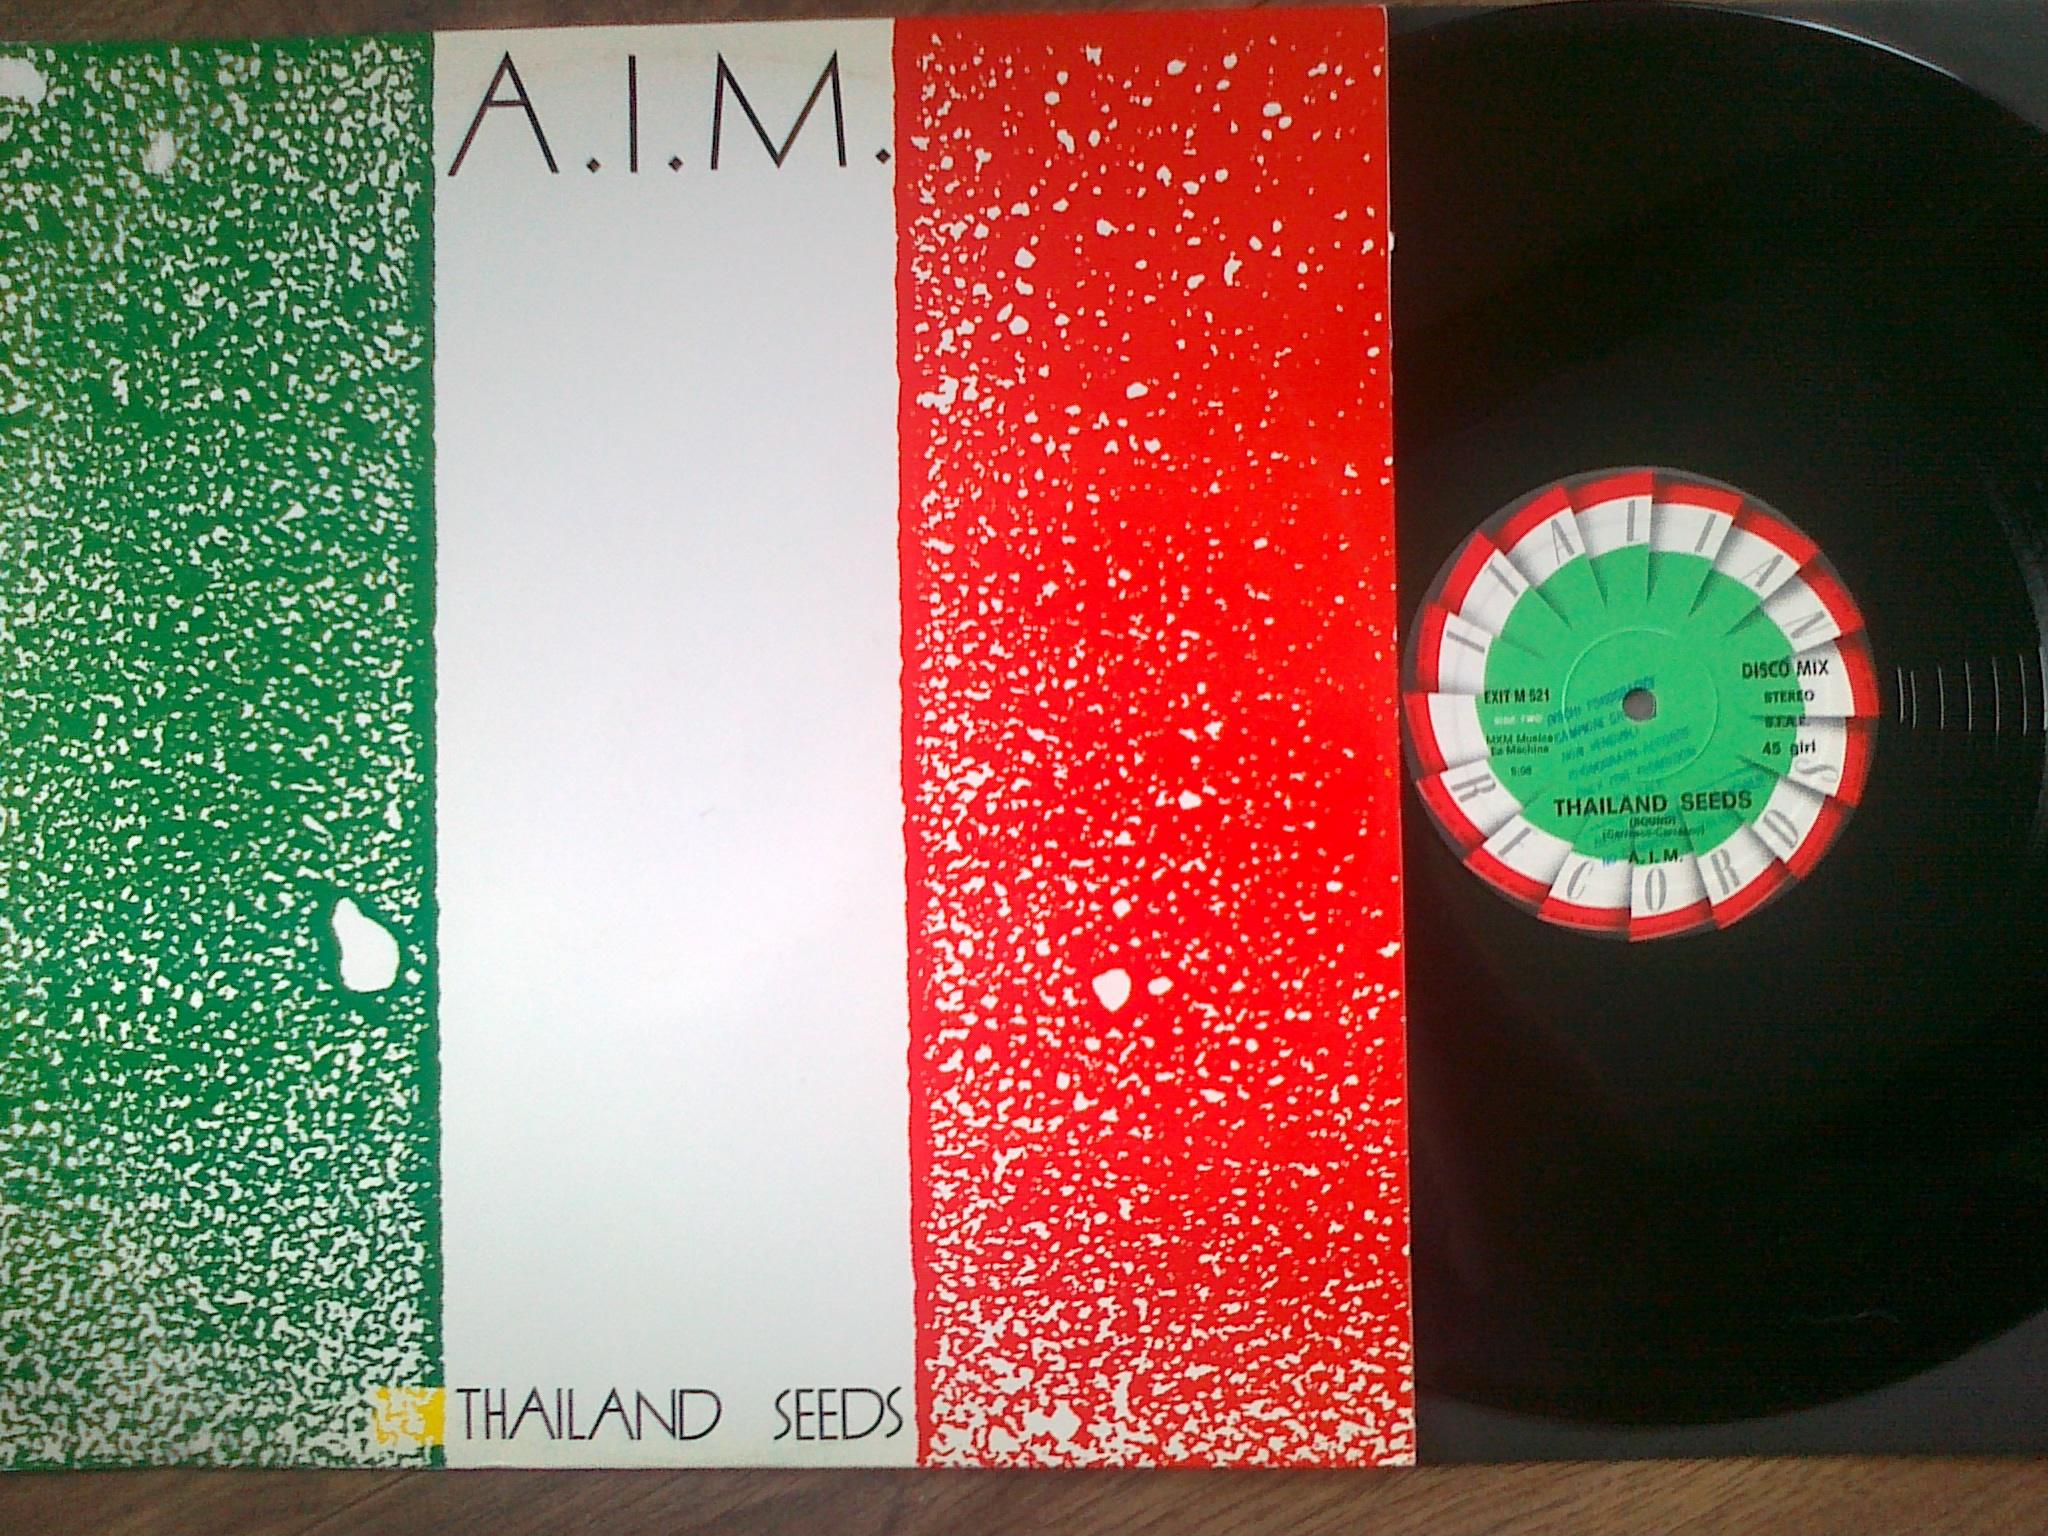 A.I.M. - Thailand Seeds